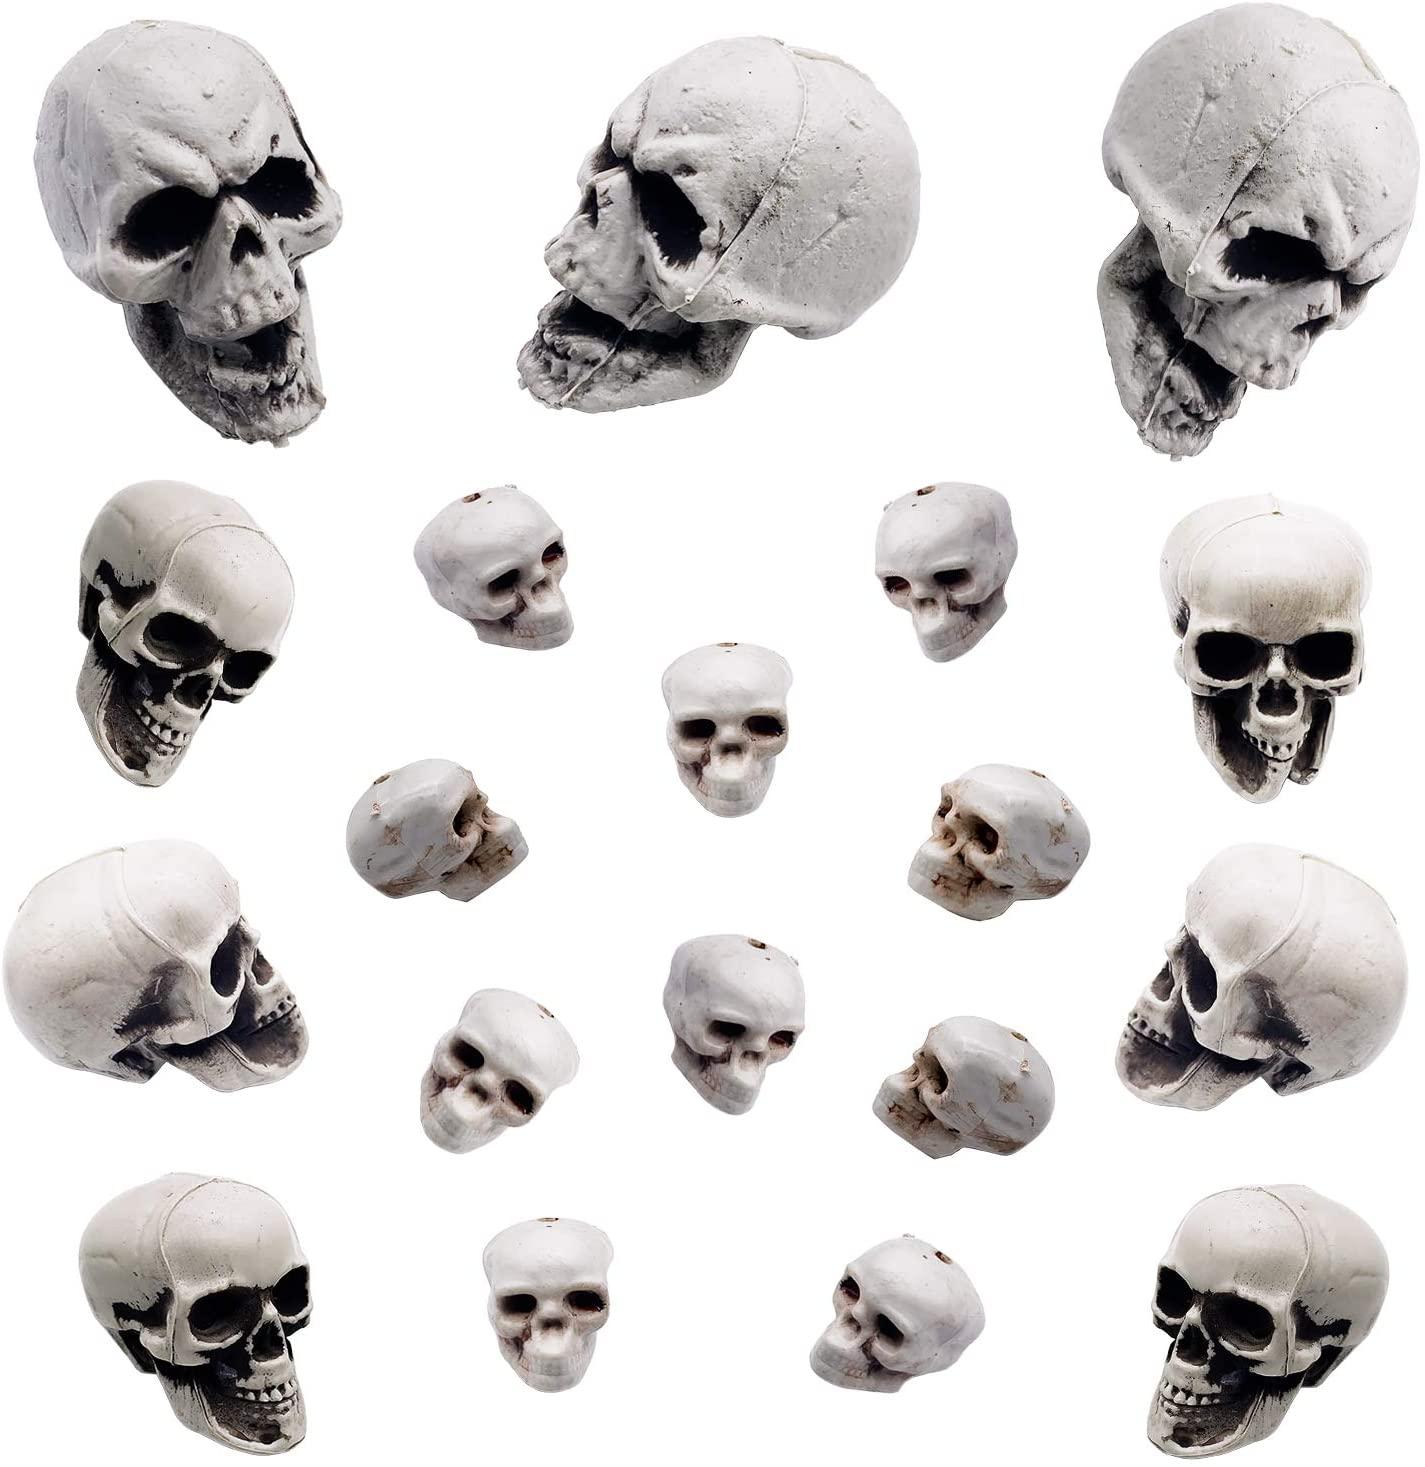 Alpurple 19 PCS Halloween Realistic Fake Simulation Human Skull- Mini Plastic Skeletons Head Skull for Halloween Bar Home Table Decoration